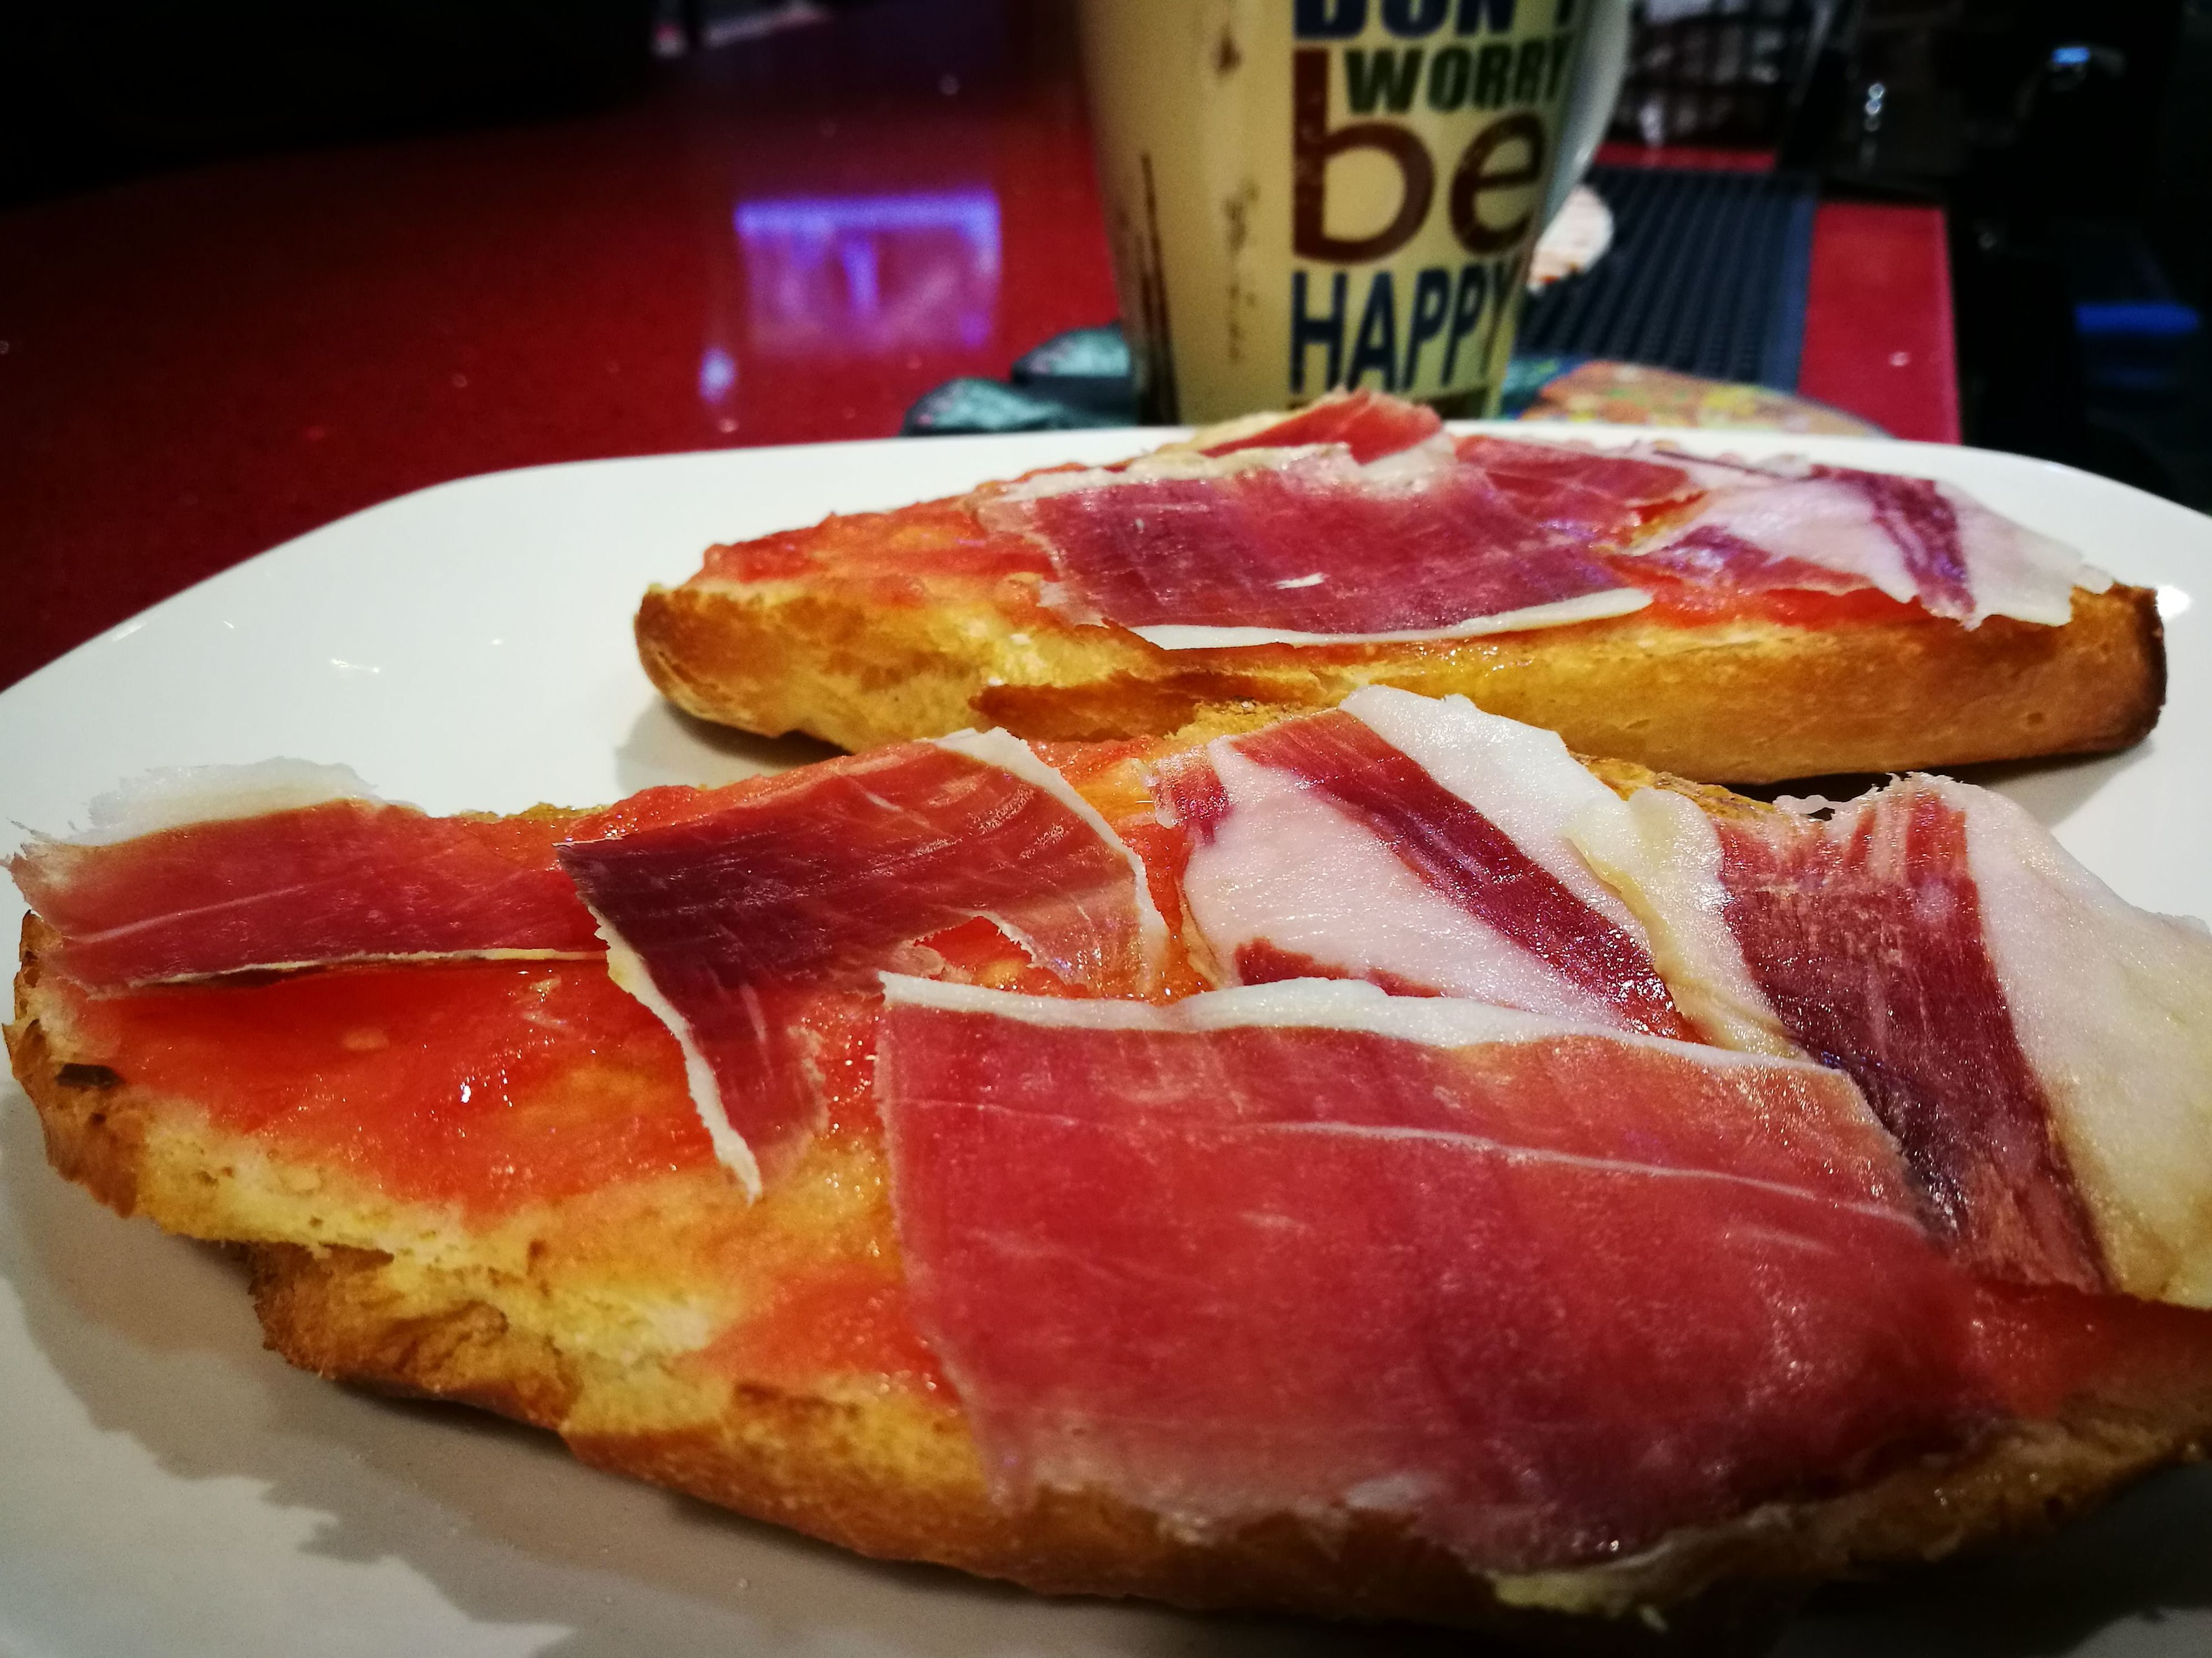 Desayuno en Doña Elena en Las Tablas